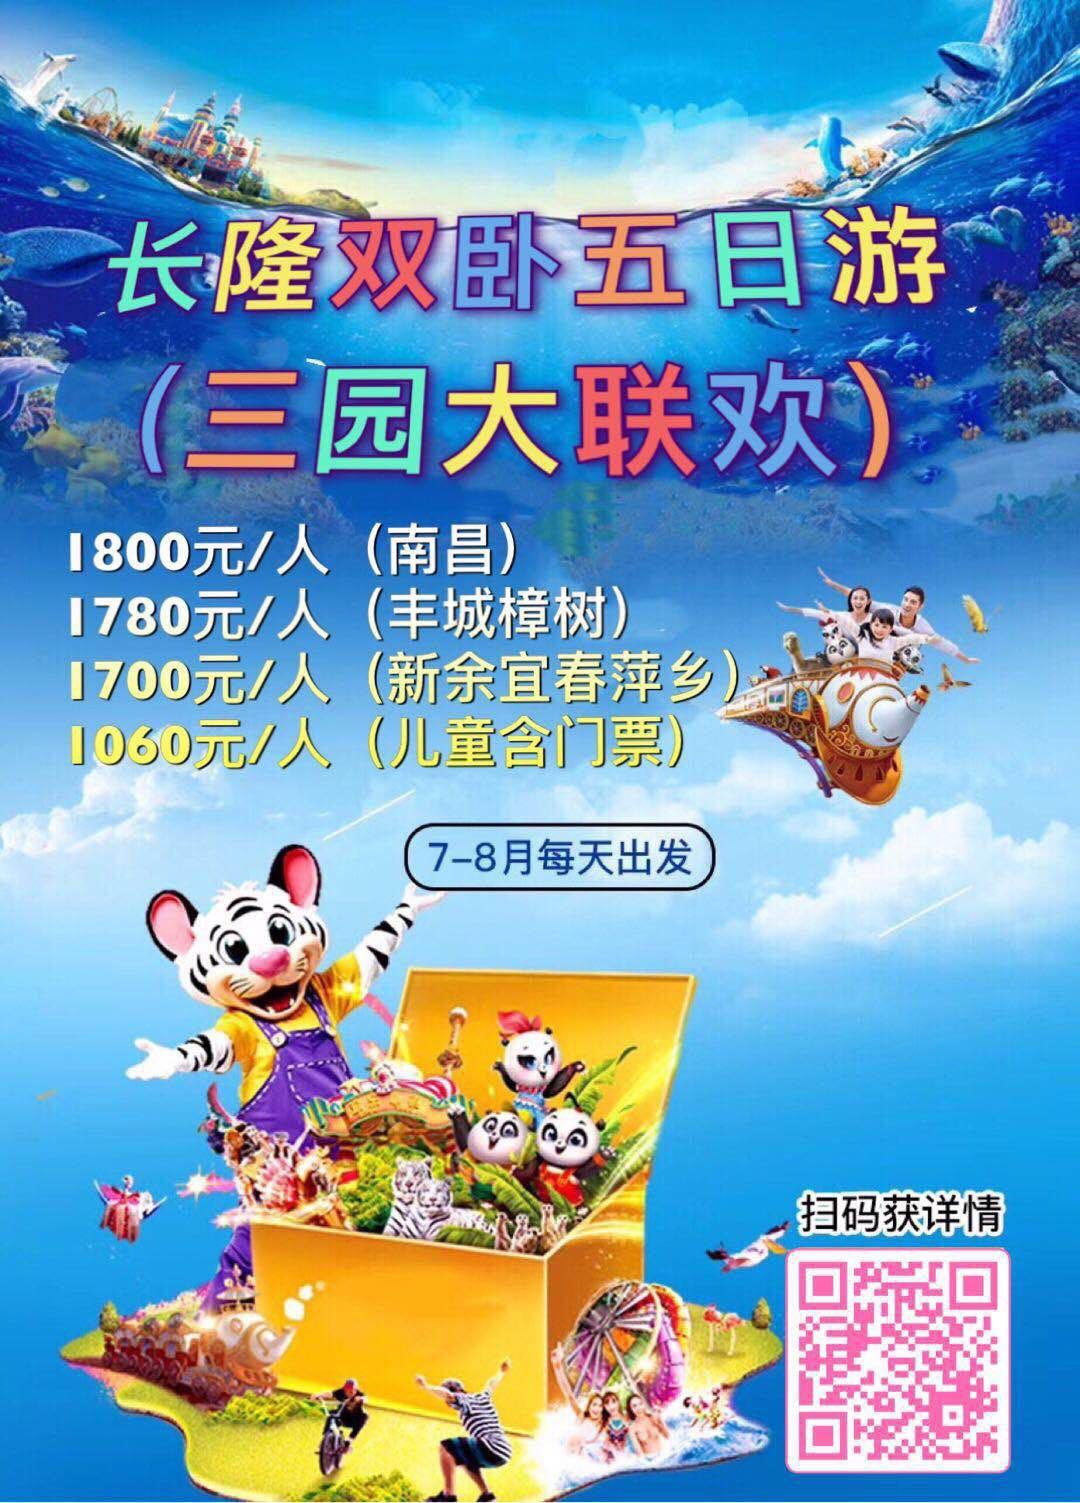 <世界之园>广州长隆野生动物世界+欢乐世界+水上世界双卧5日